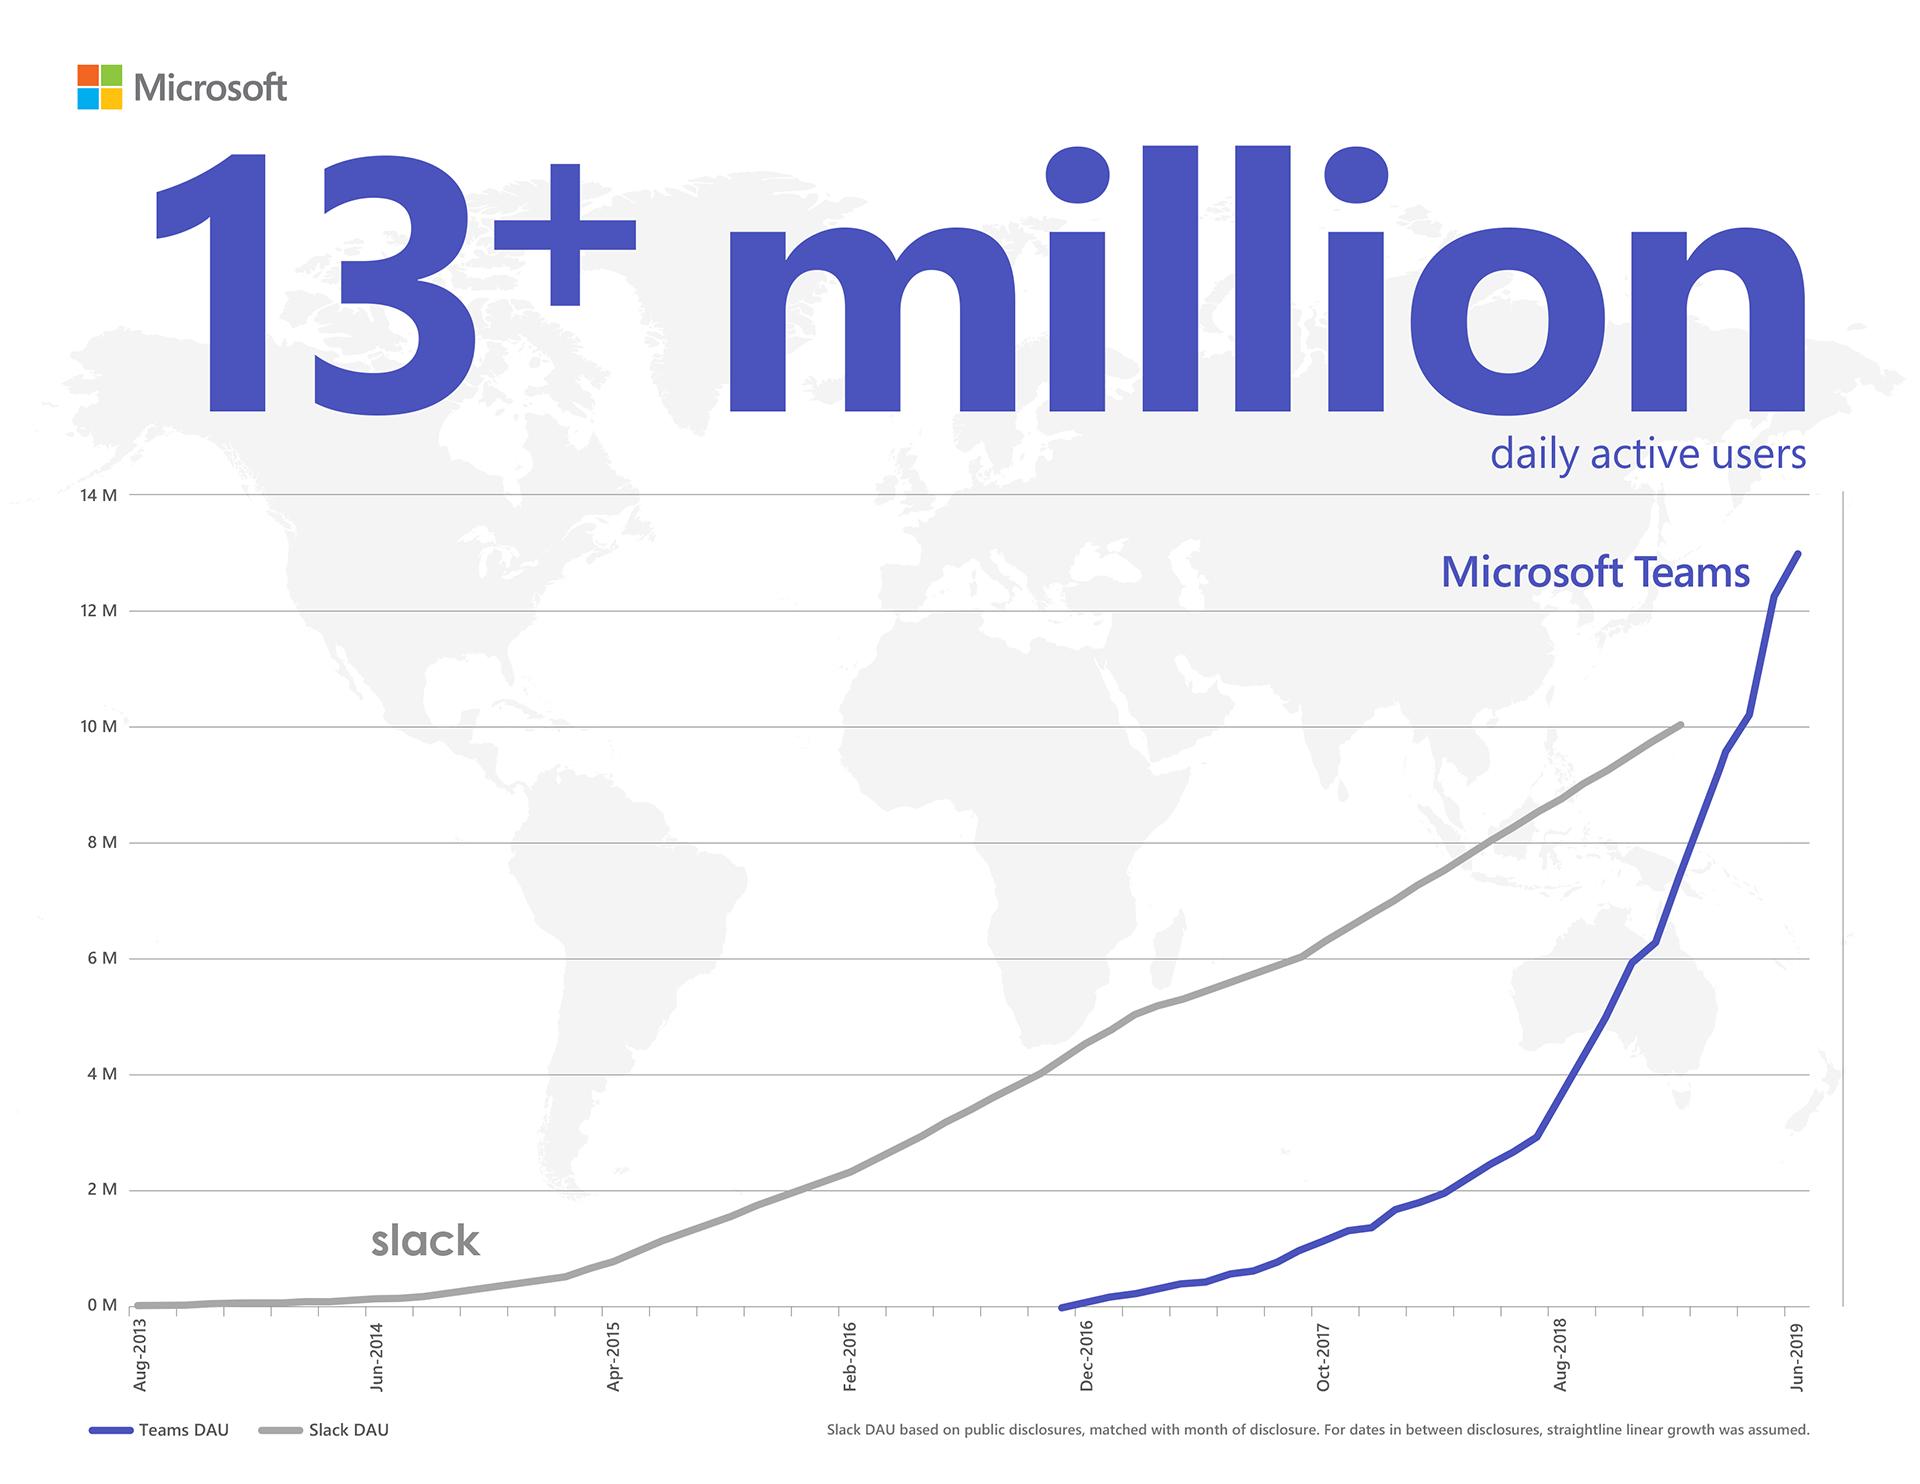 Ежедневная аудитория Microsoft Teams достигла 13 млн пользователей, и мы представляем 4 новые функции для совместной работы